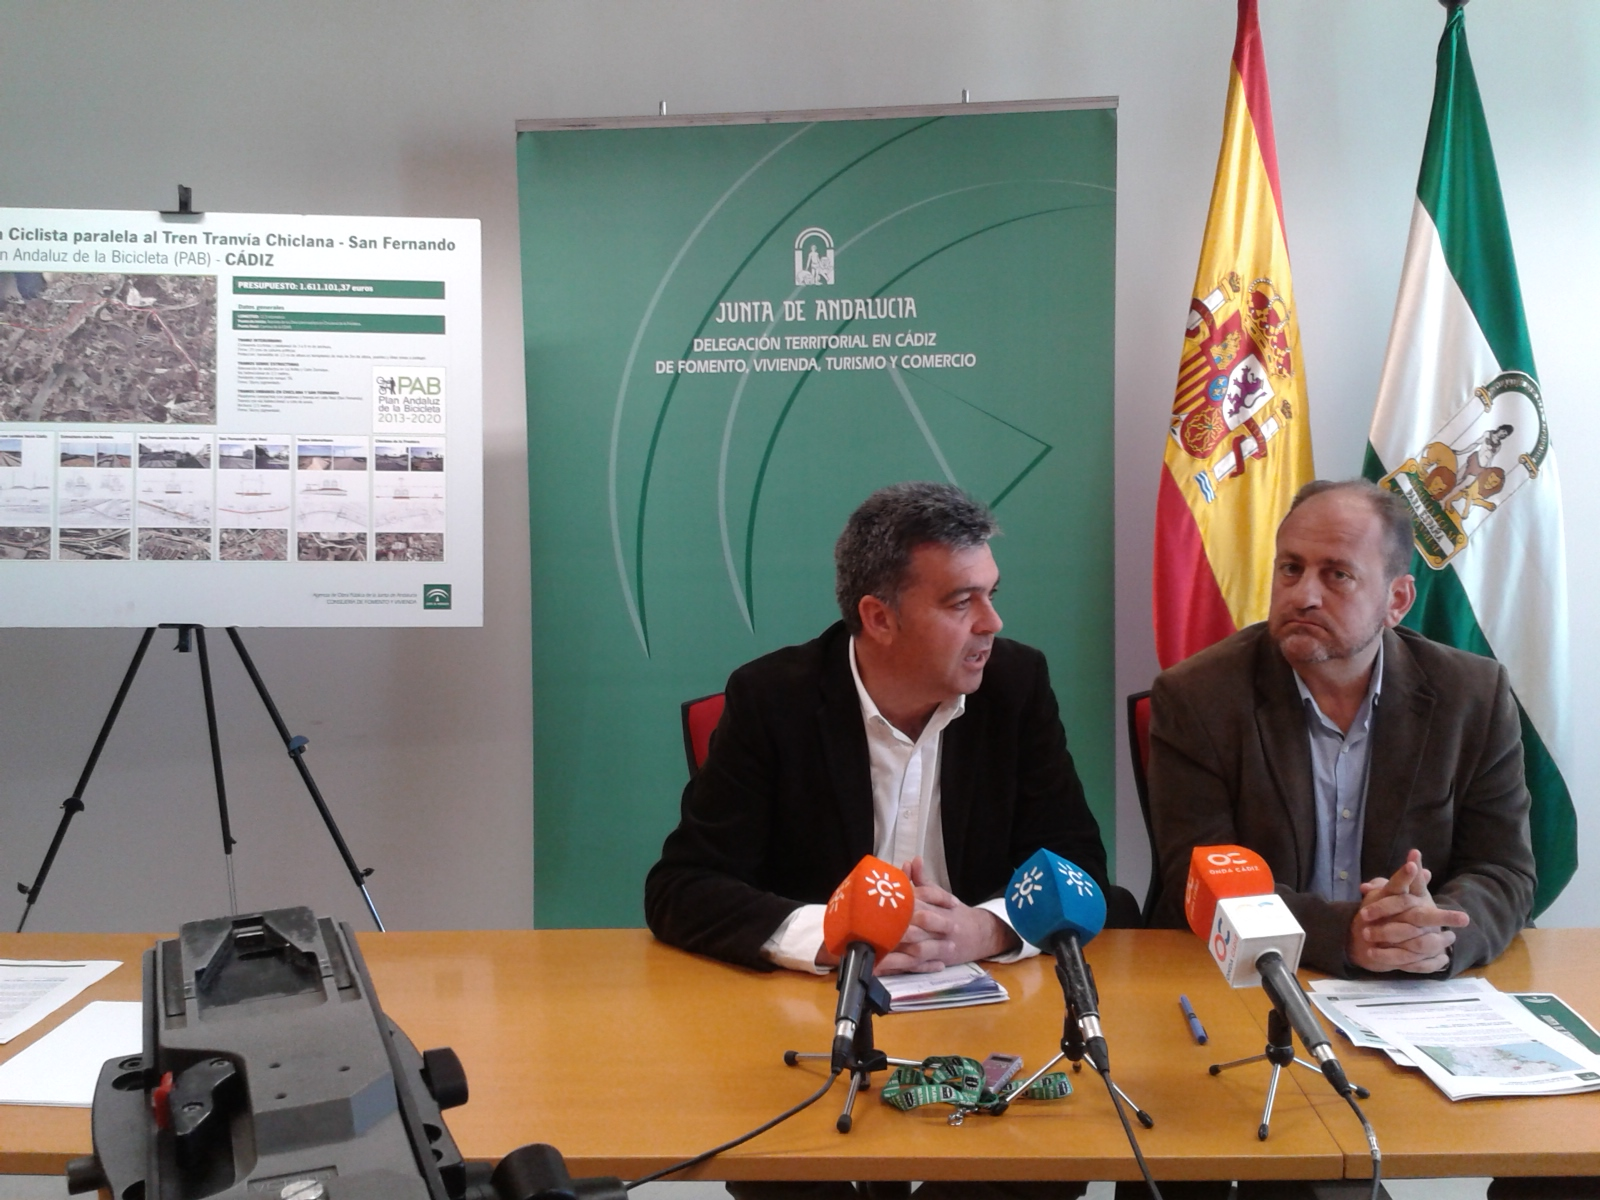 El viceconsejero de Fomento y Vivienda presenta la vía ciclista junto al delegado territorial de Cádiz.